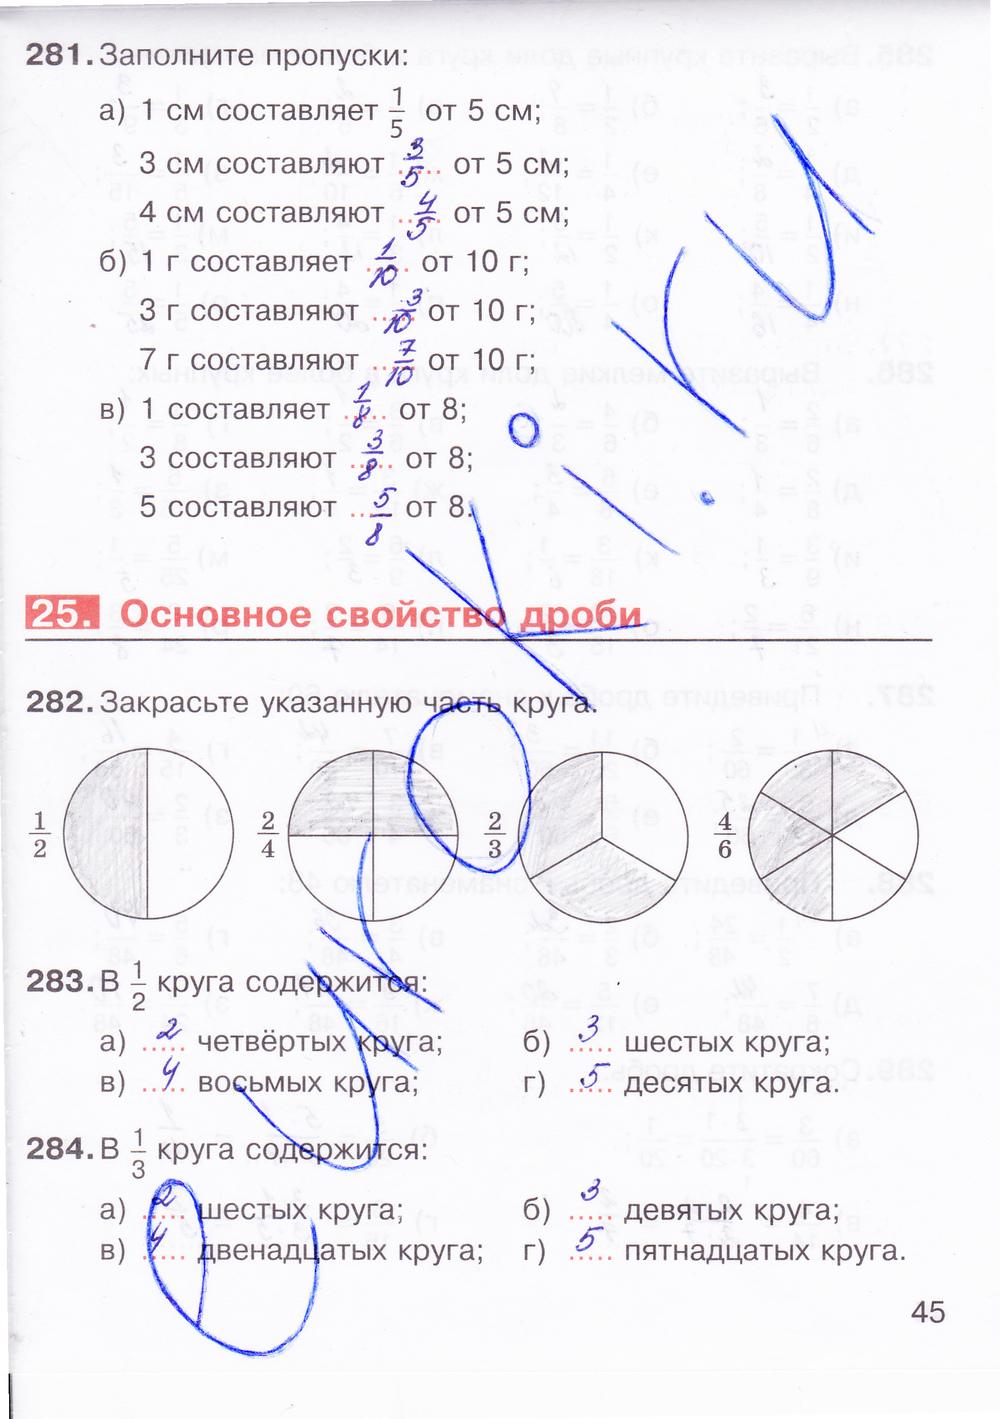 Часть 5 решебник рабочая потапов класса шевкин тетрадь по 2 математике